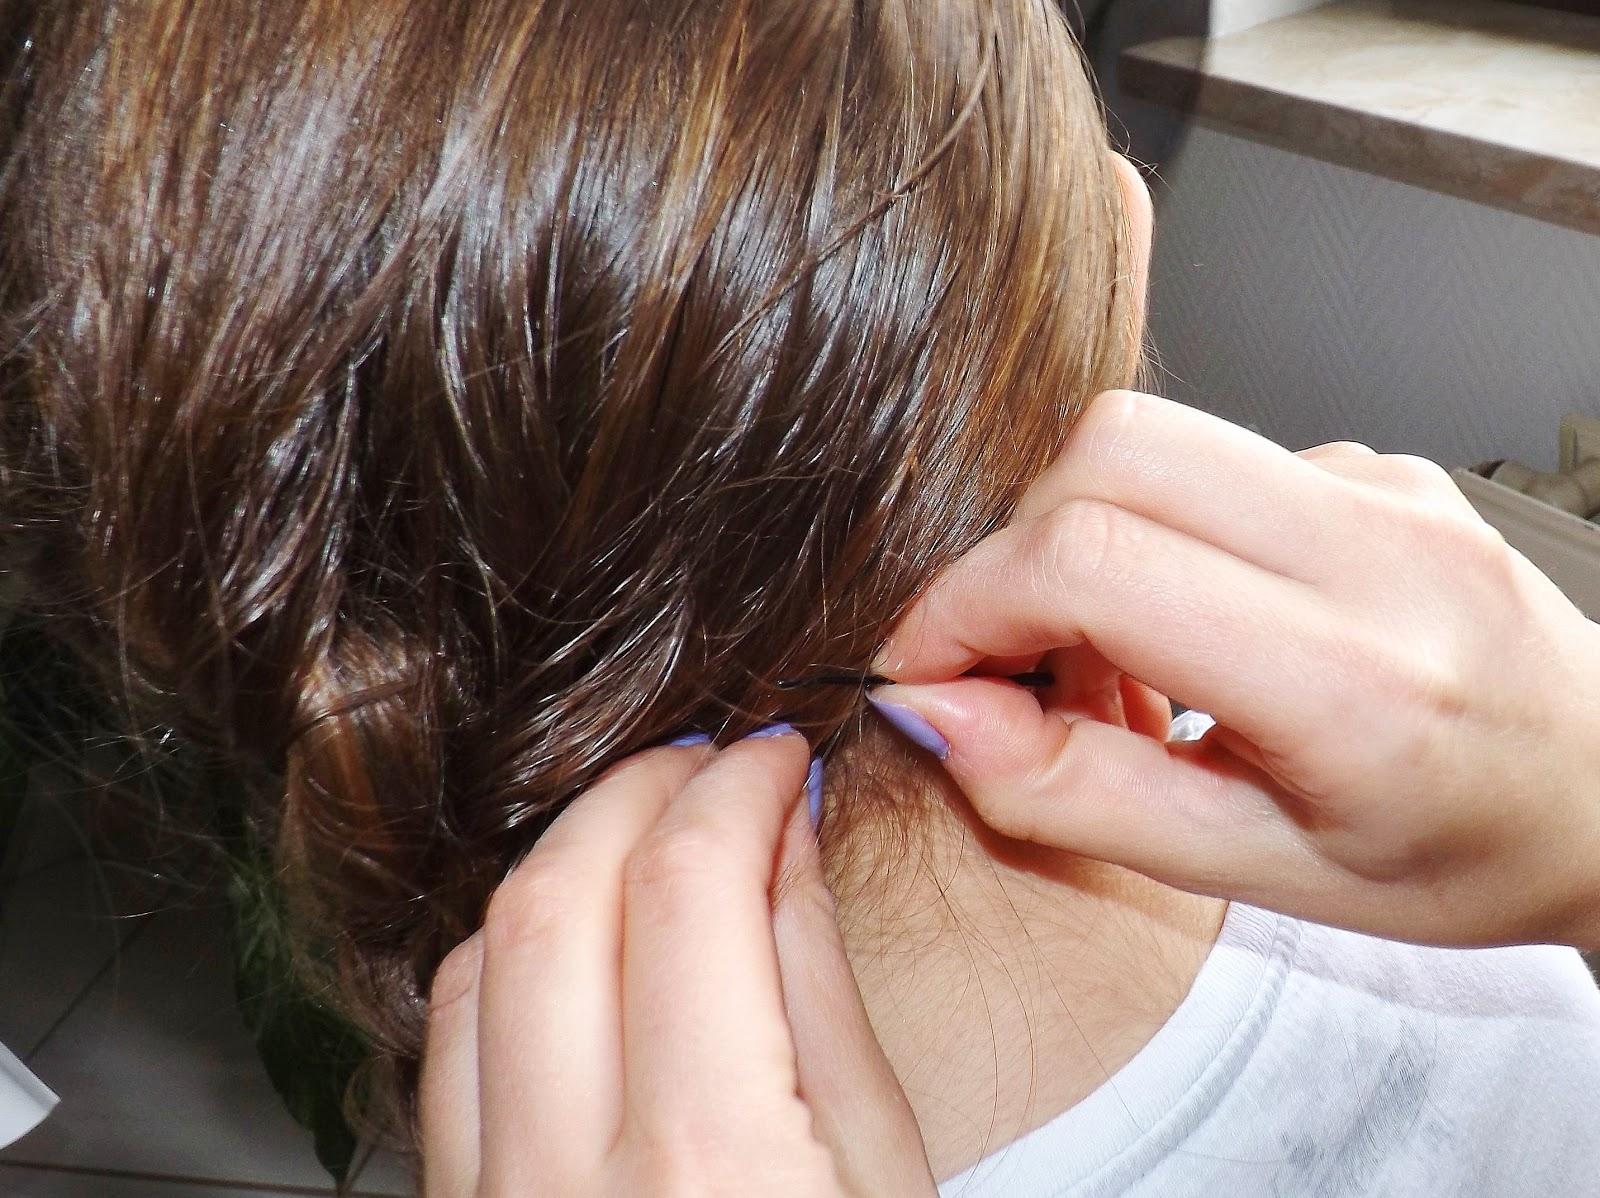 Les masques pour les cheveux à une forte chute de la fragilité